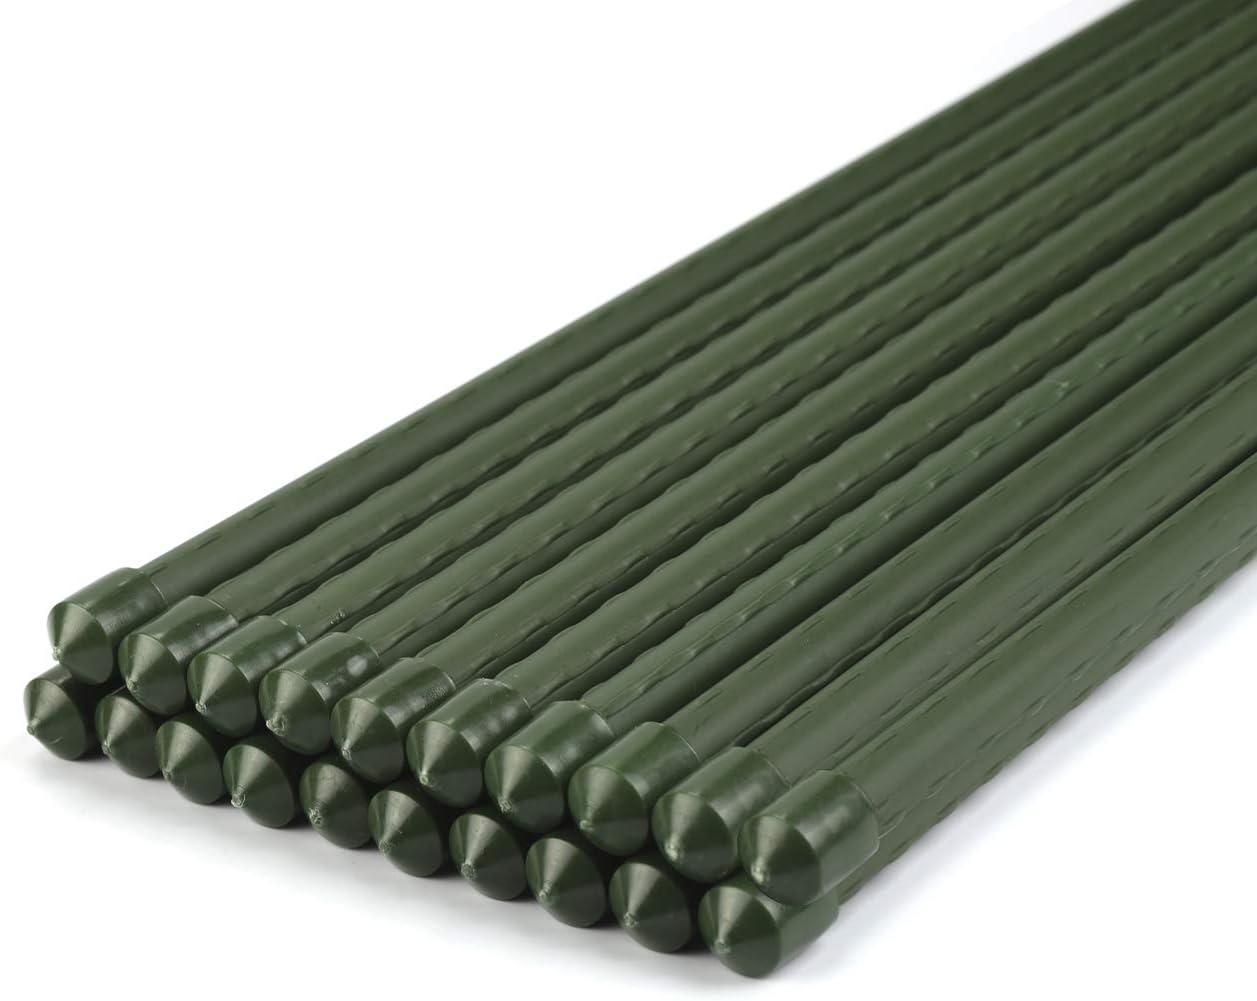 Sekey Supporti per Piante Pali per Piante da Sostegno per Piante da Giardino in Canna Tubo in Acciaio Rivestito in plastica /Ø 8mm Pacco Lungo 75 cm 10